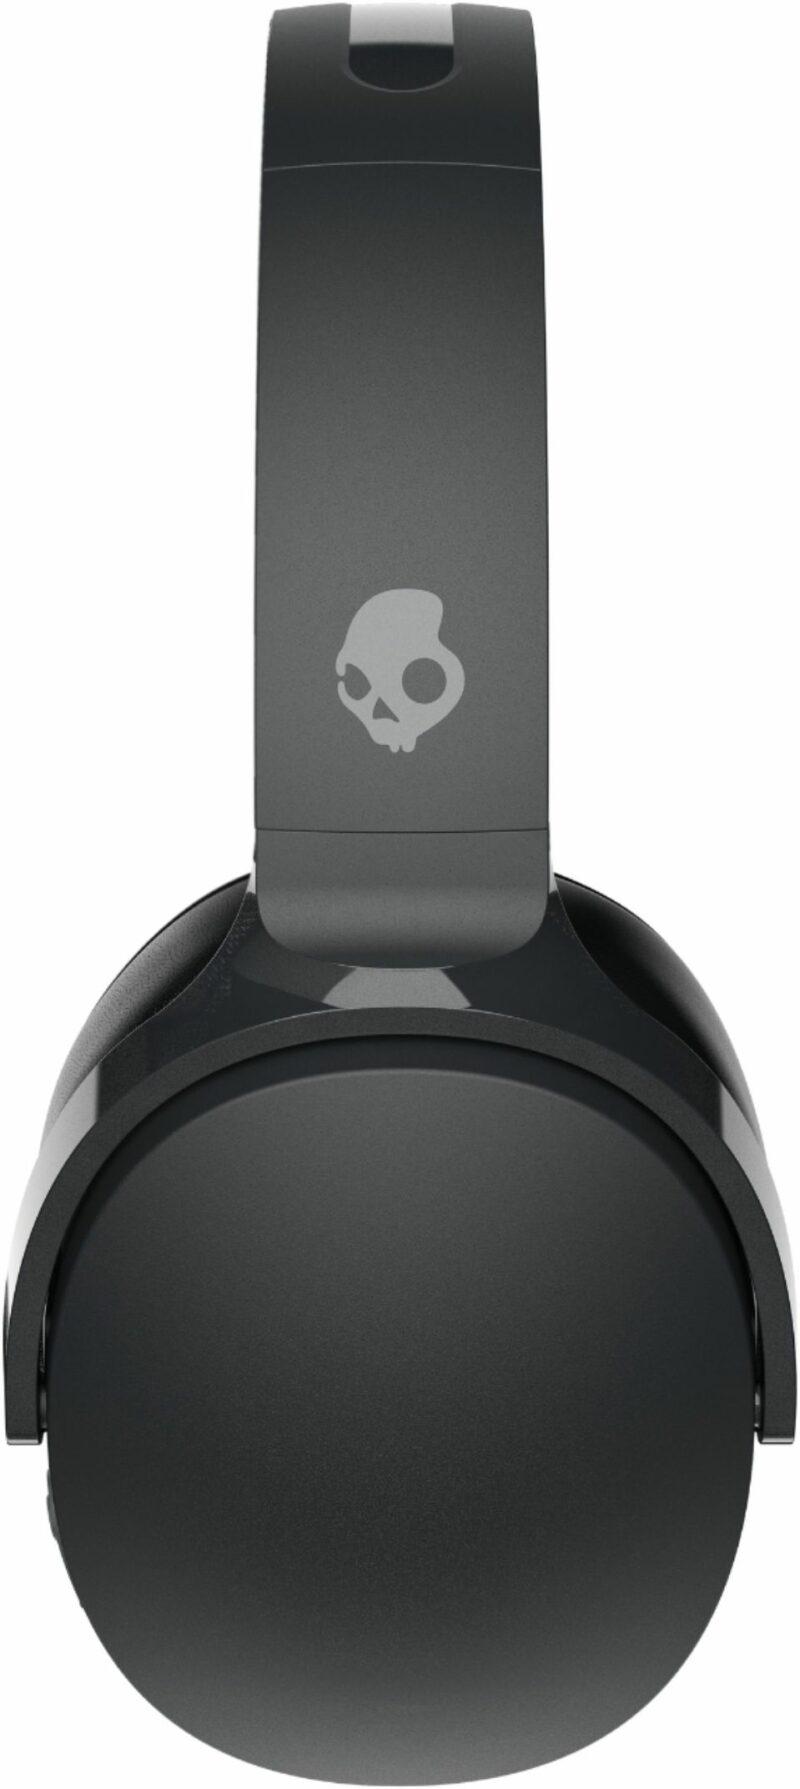 Skullcandy Wireless Headphones Hesh Evo Over-ear, Noice canceling, Wireless, True Black